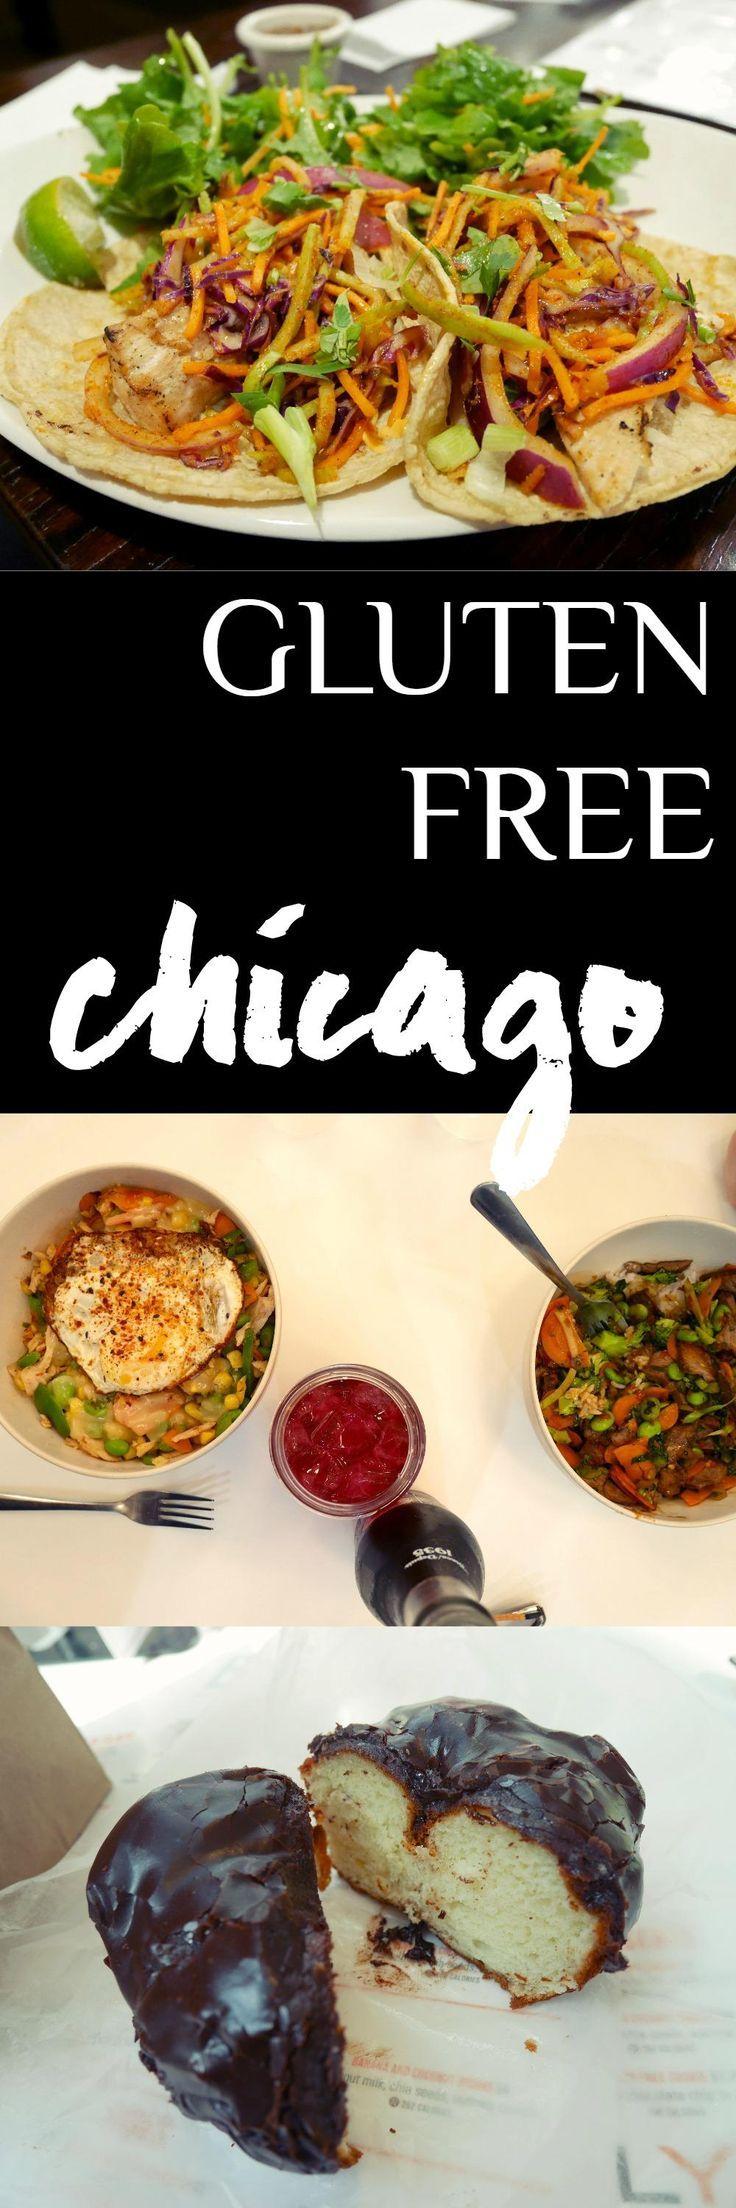 Gluten free Chicago, USA